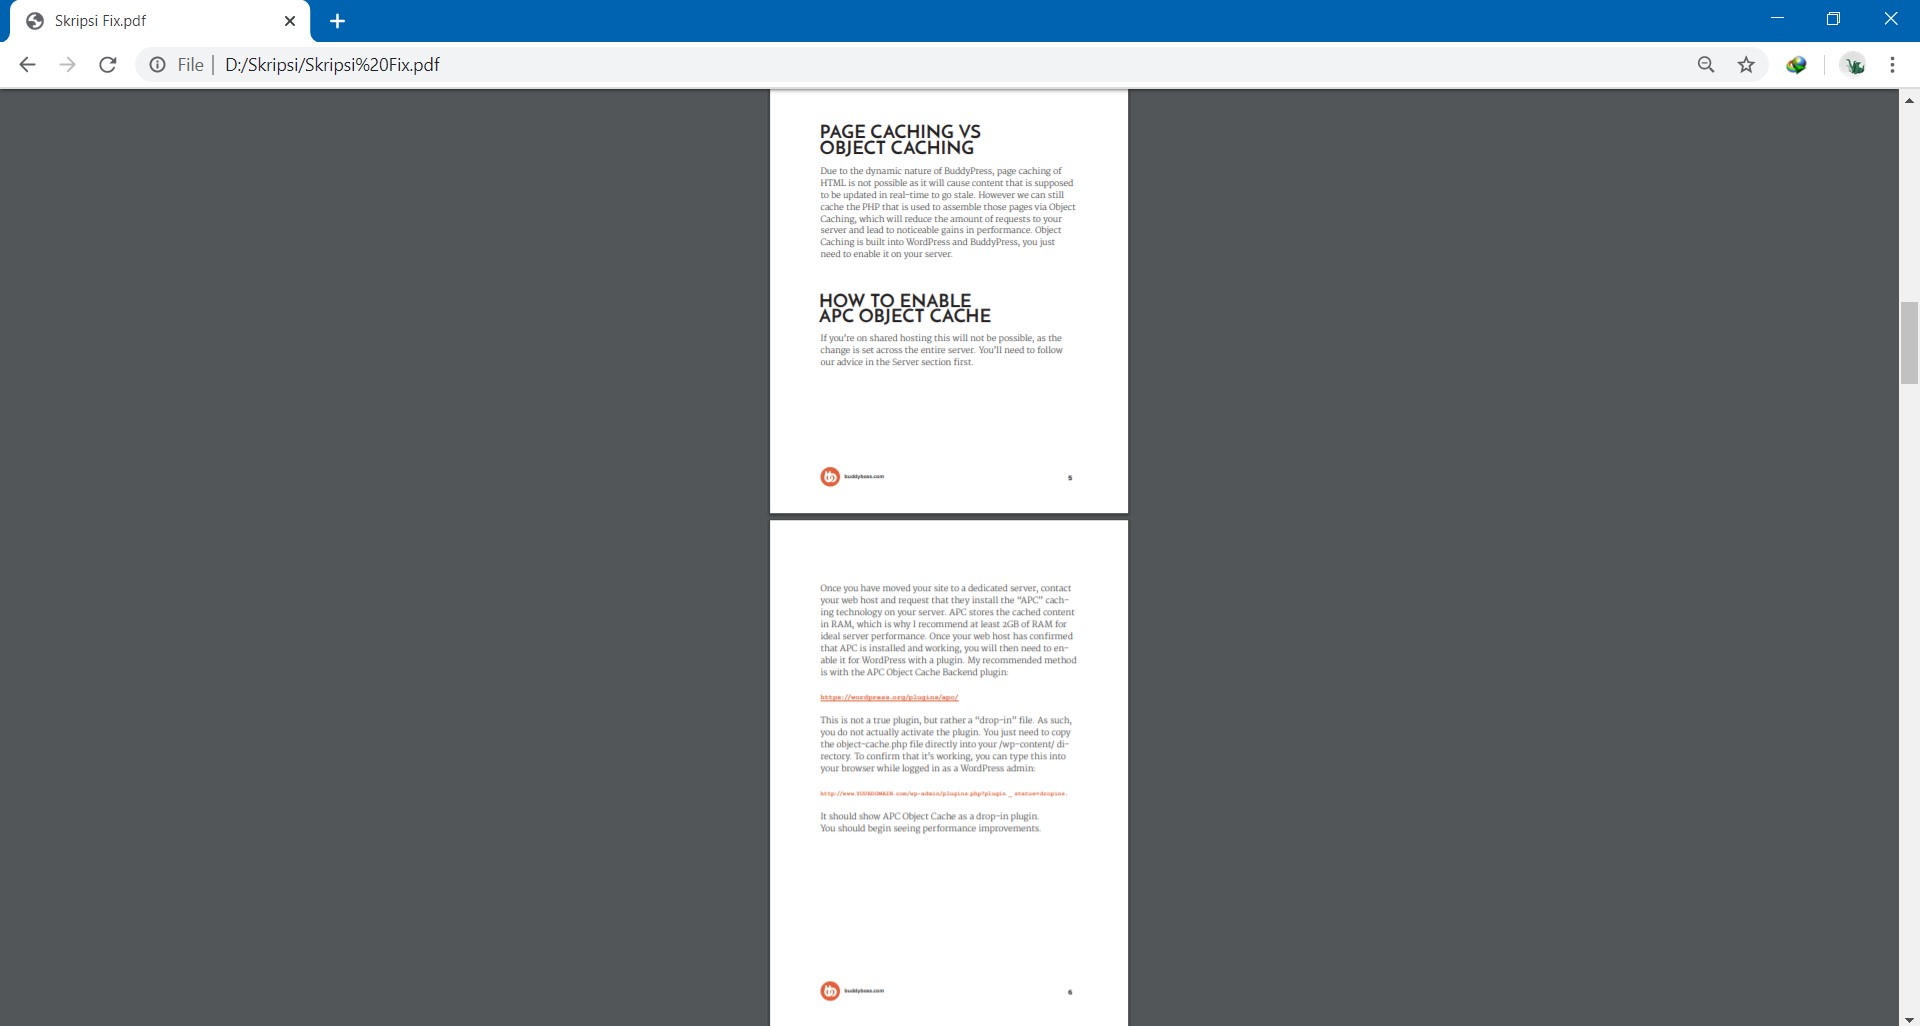 File PDF akan Terbuka di Browser Google Chrome